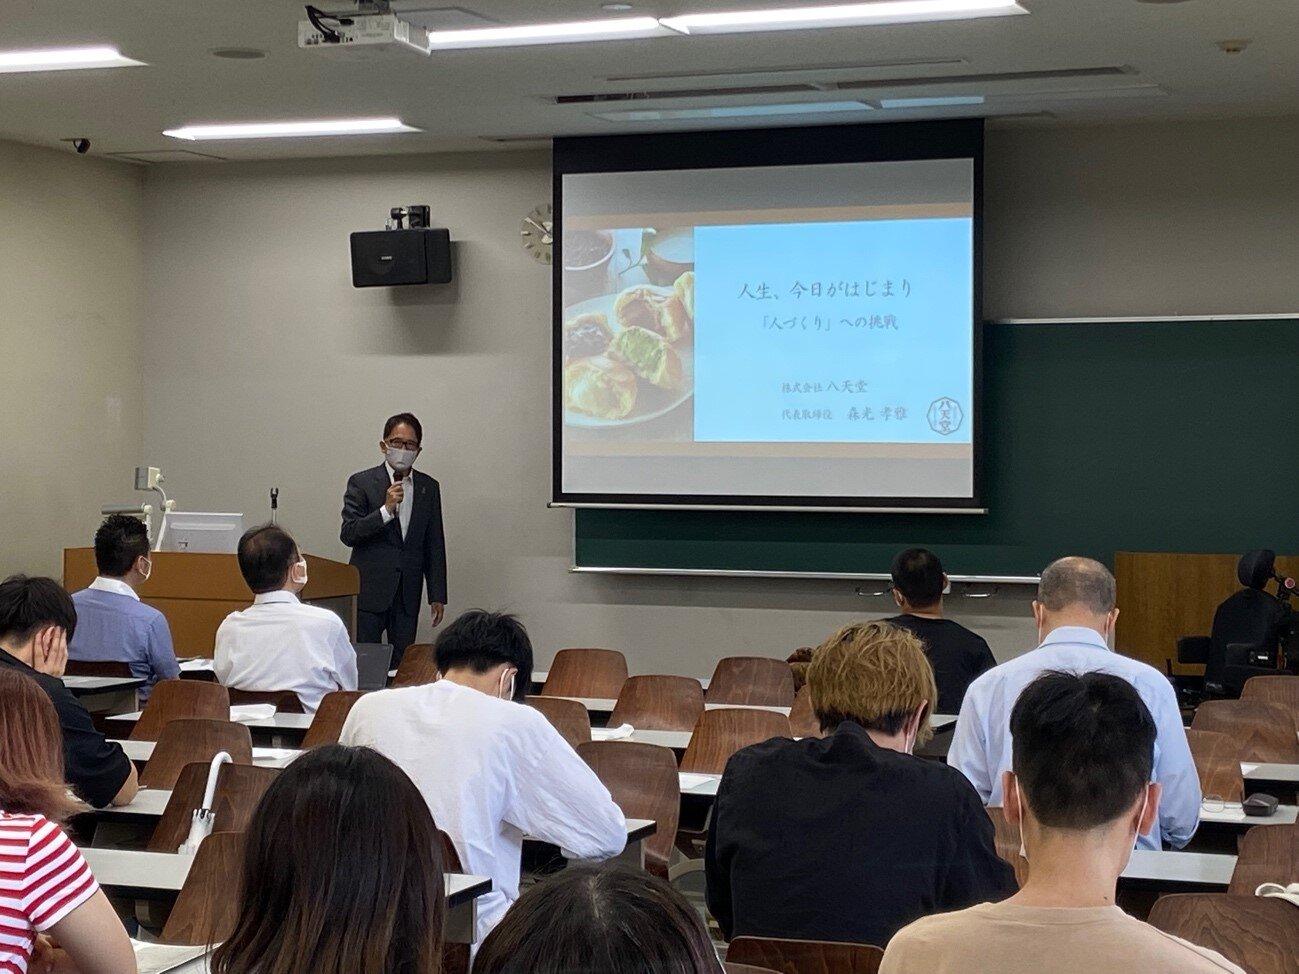 「道徳経営特論A」の授業にて (株)八天堂 代表取締役社長 森光孝雅氏による講義が行われました。